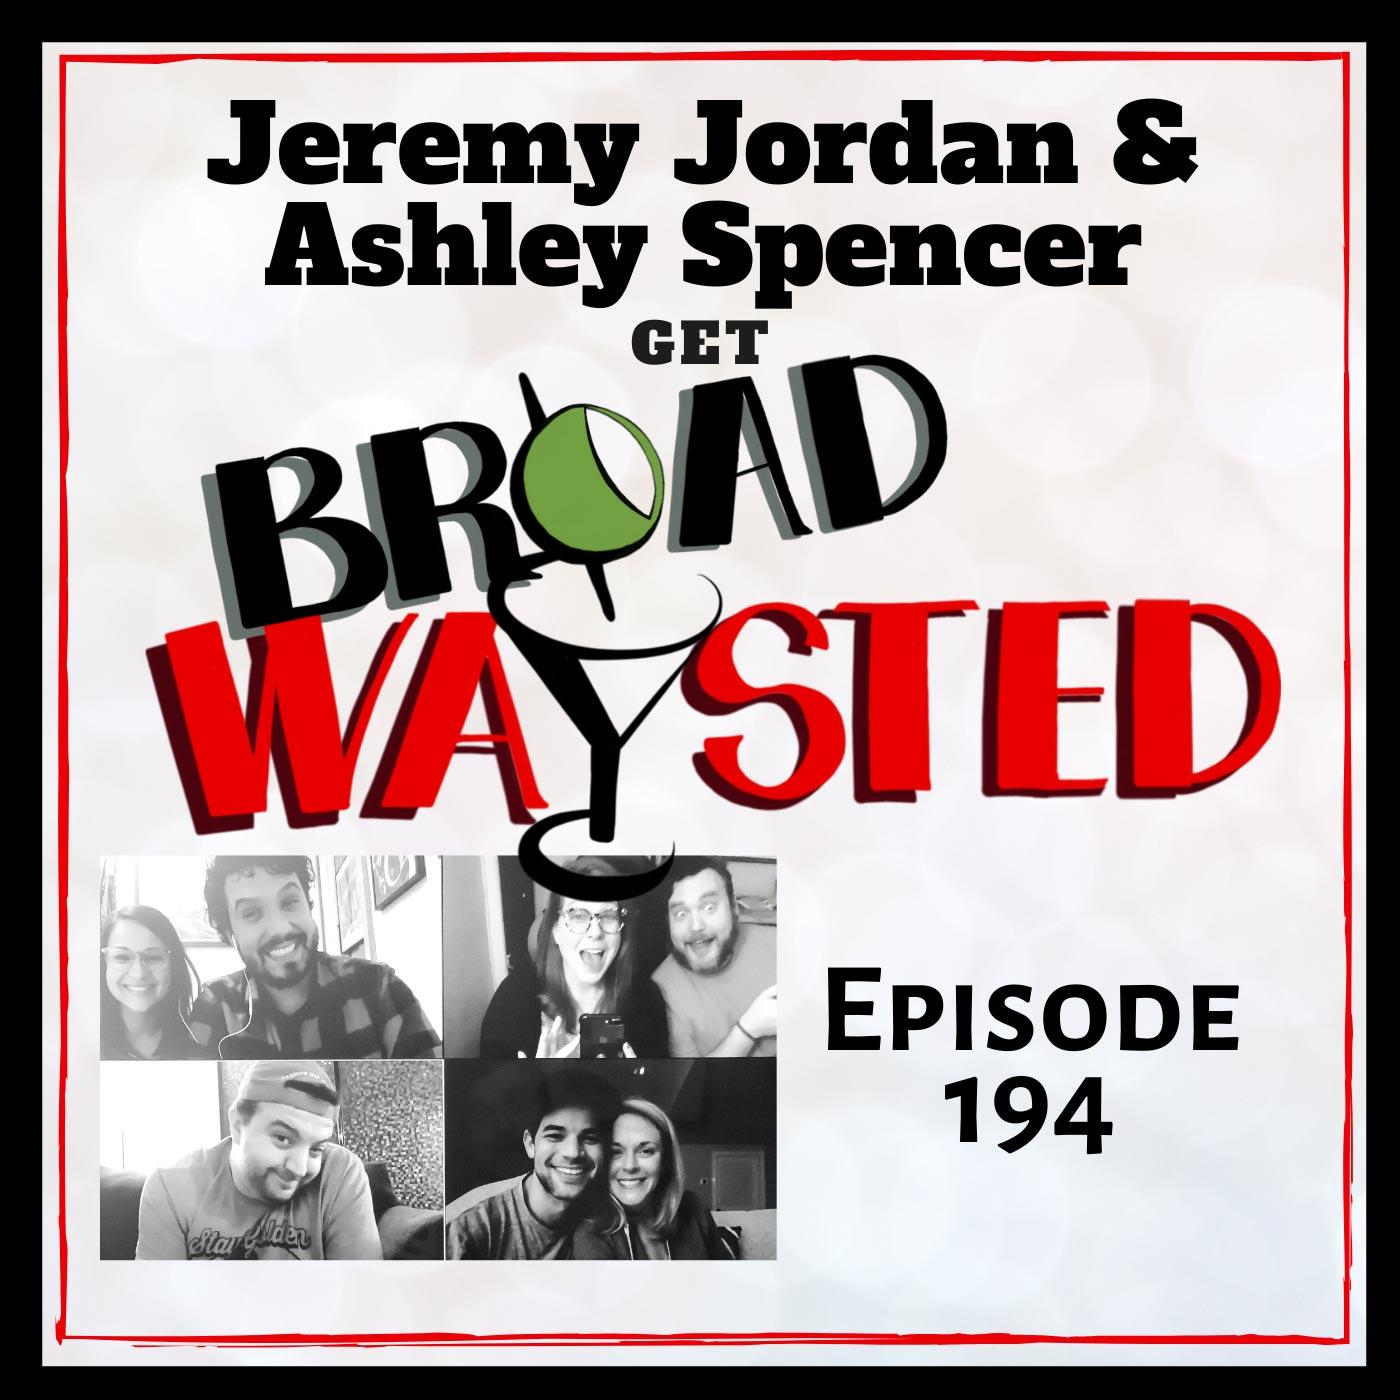 Broadwaysted - Episode 194: Jeremy Jordan & Ashley Spencer get Broadwaysted!